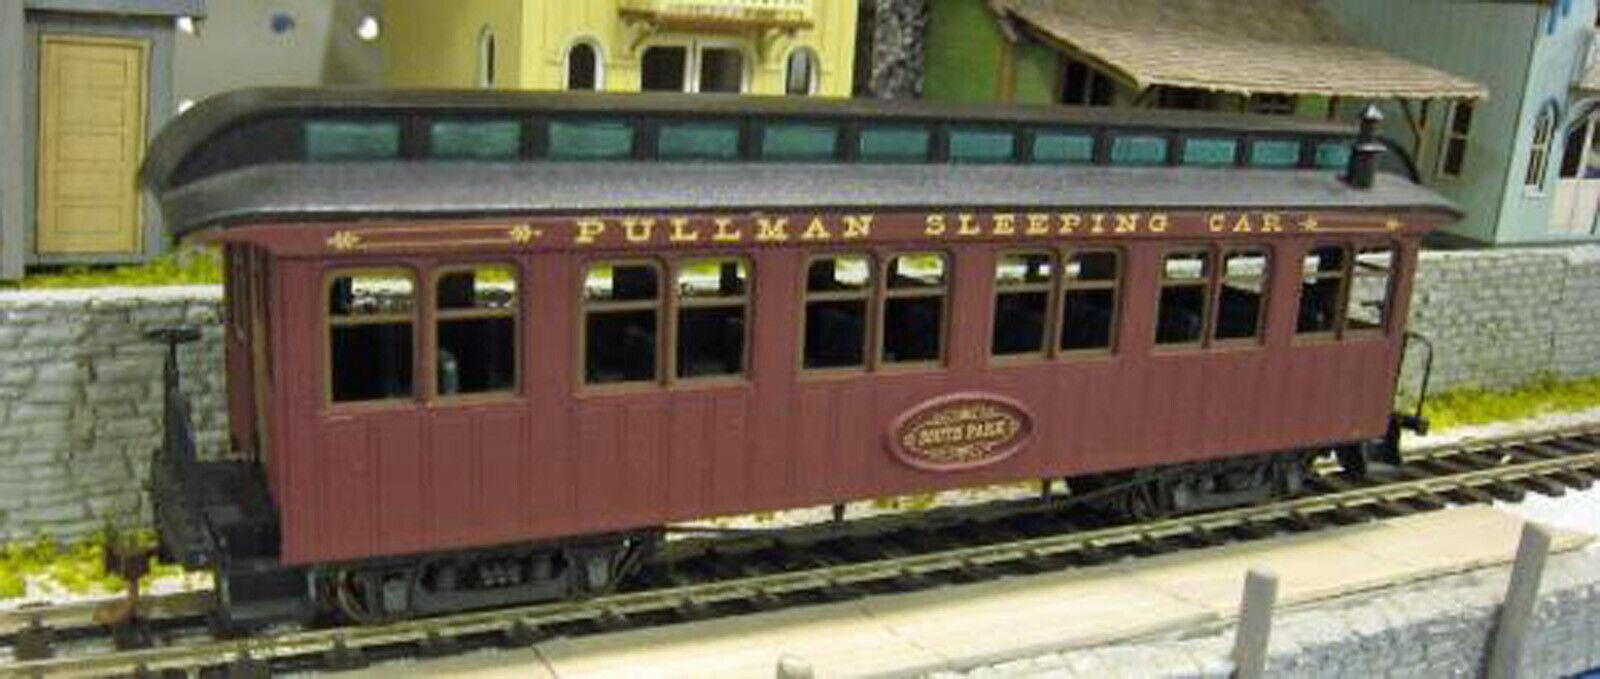 DSP&P 1879 46' PULLMAN SLEEPER On30 Model Railroad Kit-Basher Unptd Kit DFD6L